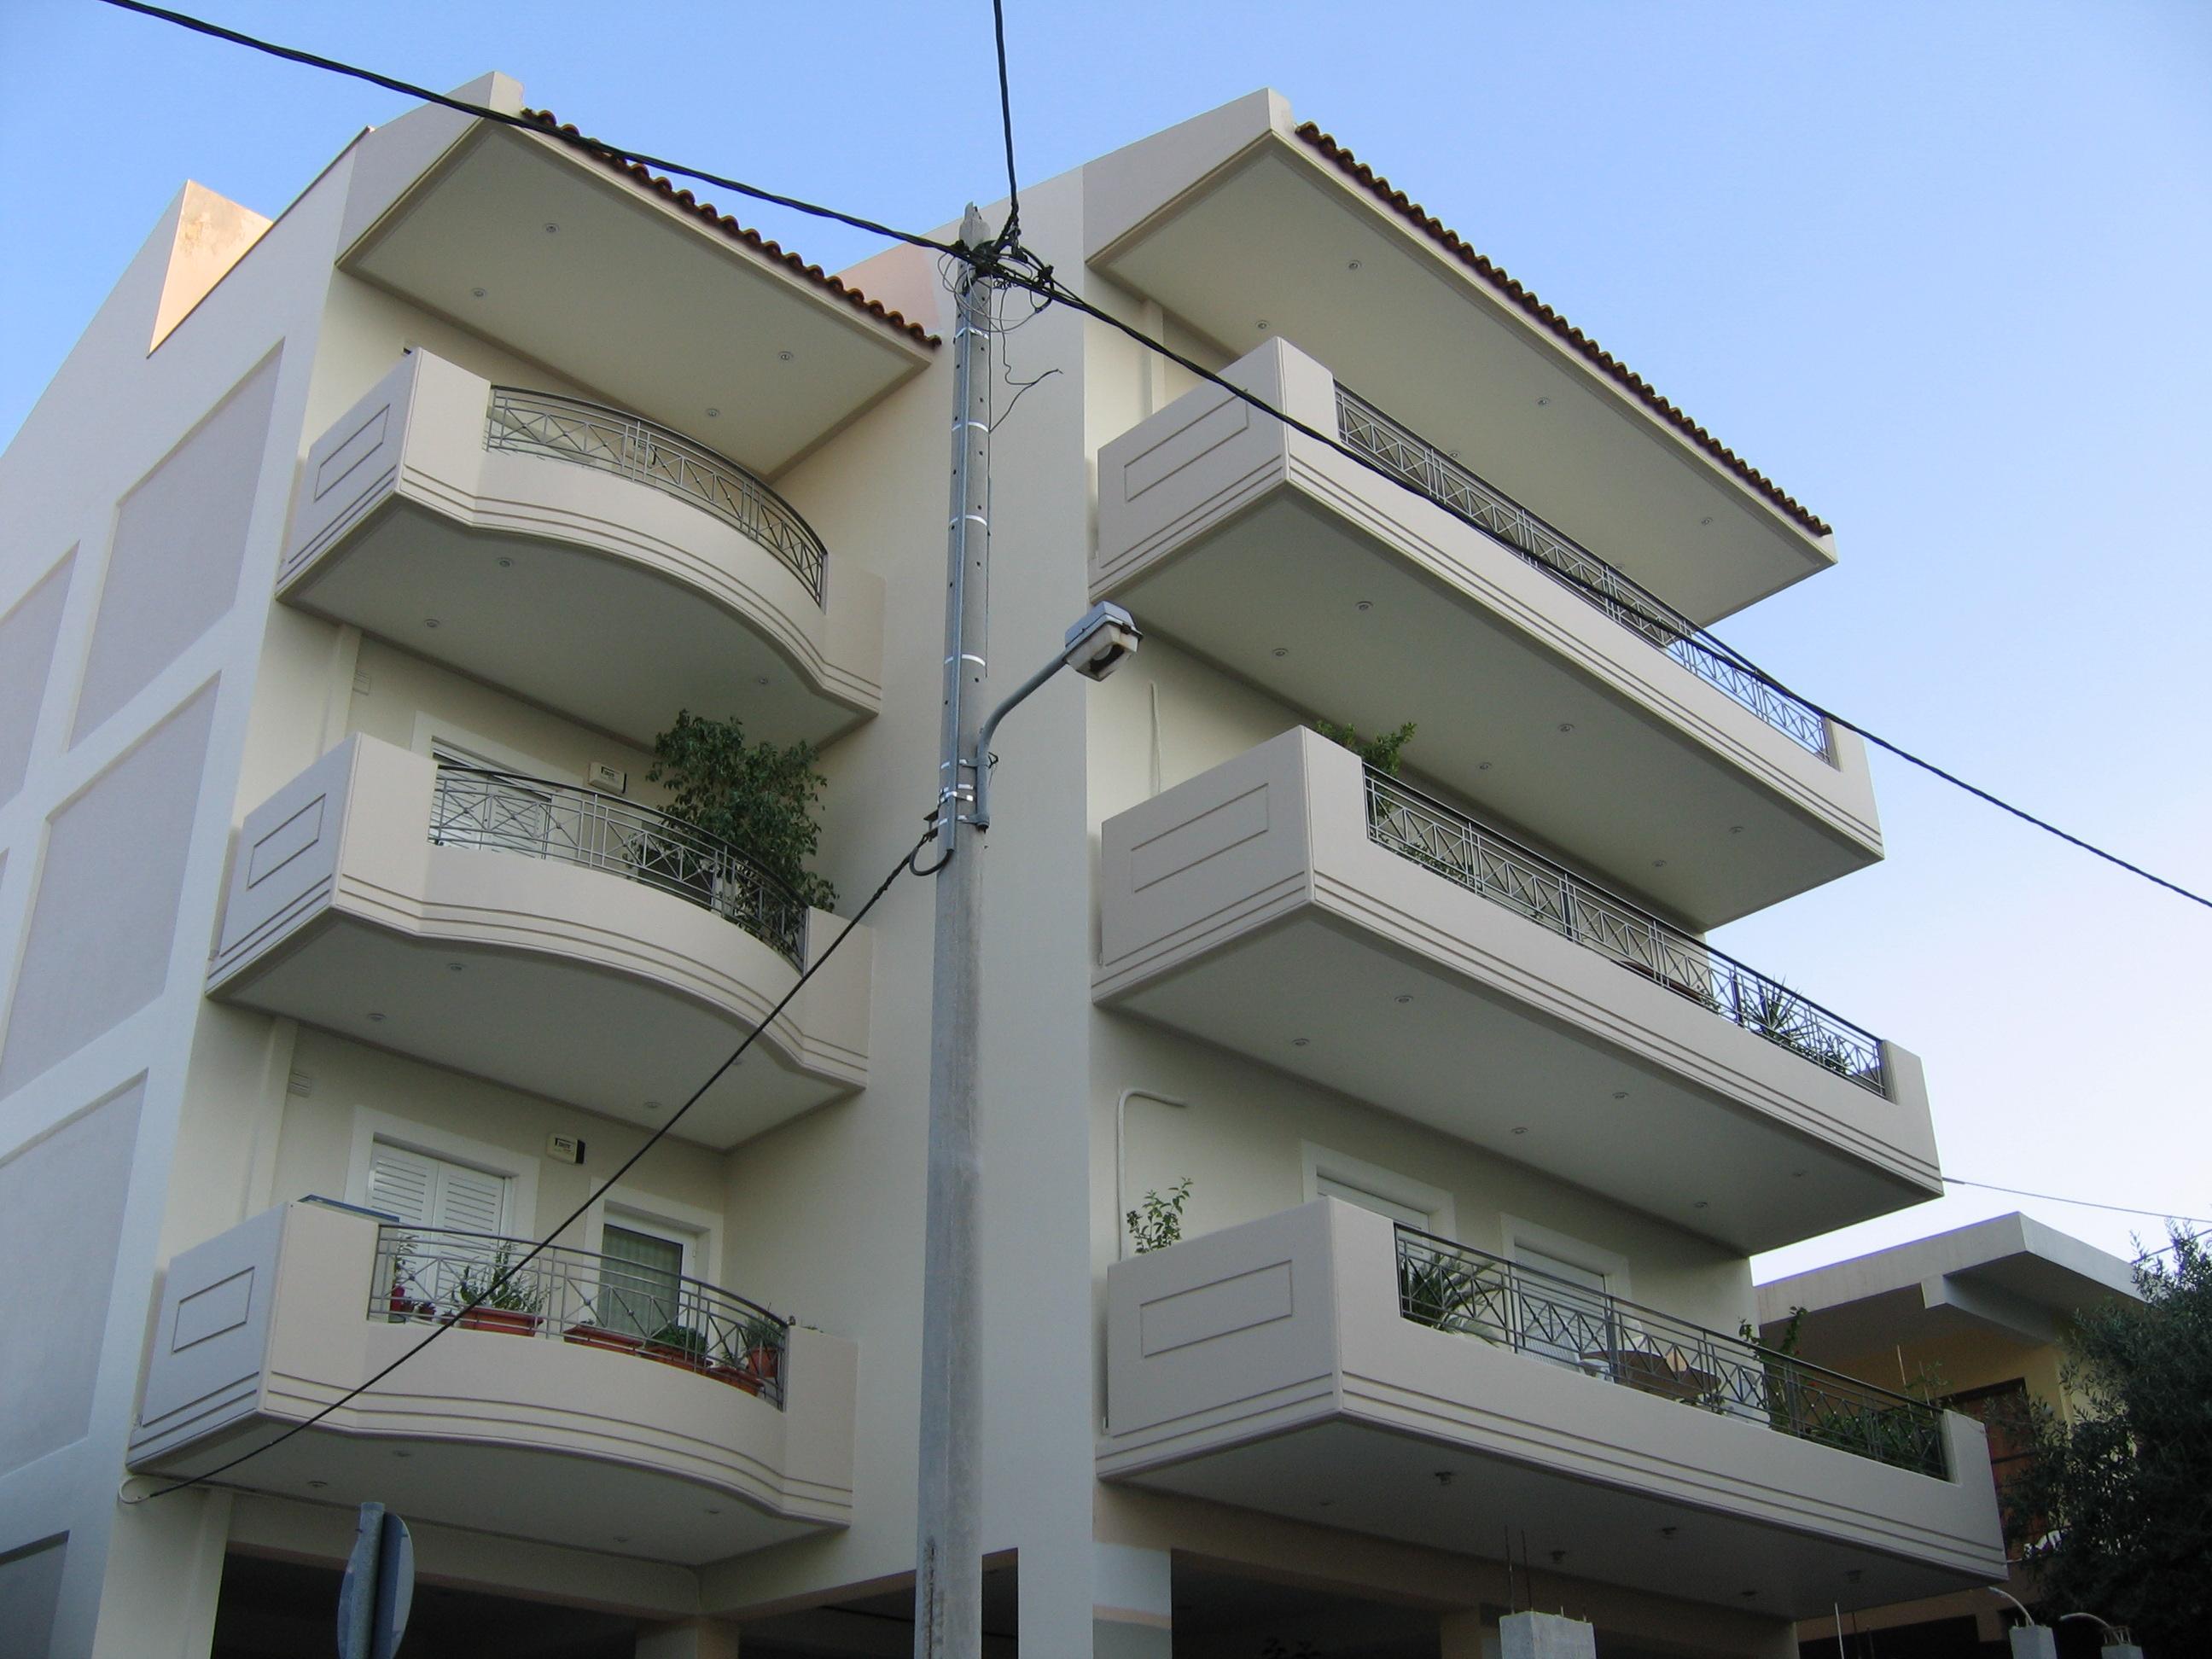 Βαφή κτιρίου ολοκληρωμένο